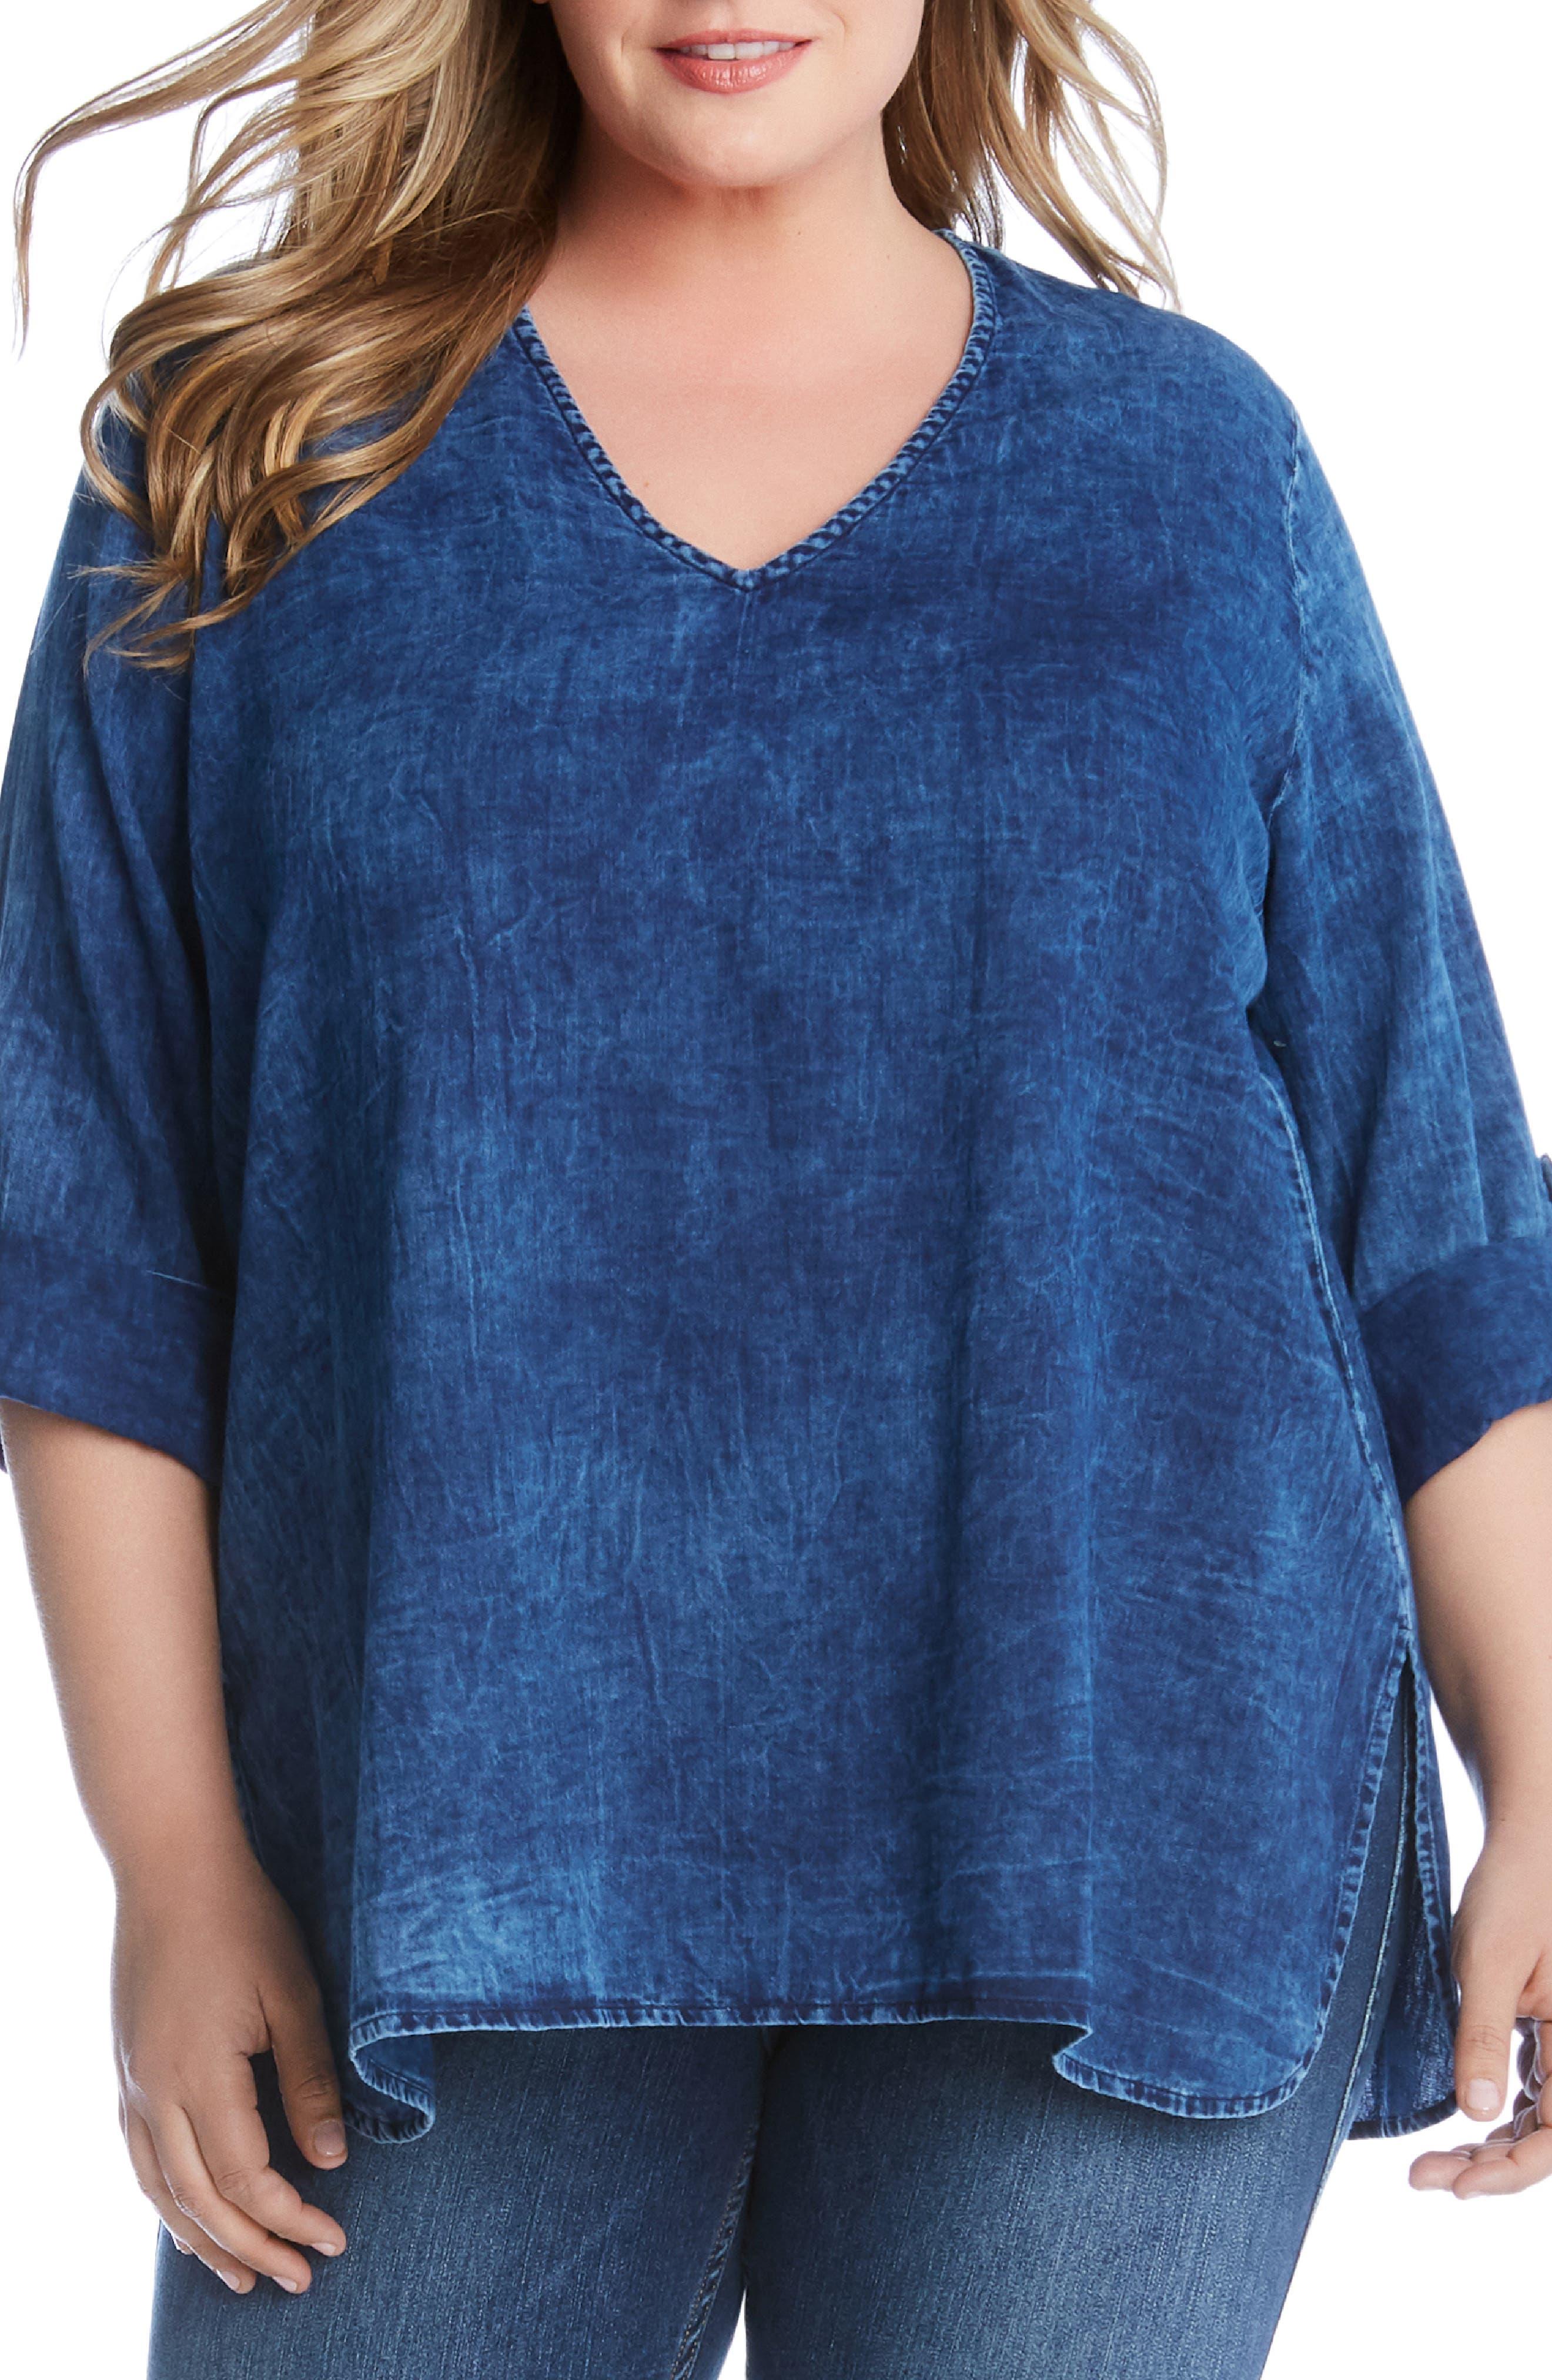 KAREN KANE, High/Low Shirttail Denim Top, Main thumbnail 1, color, 400